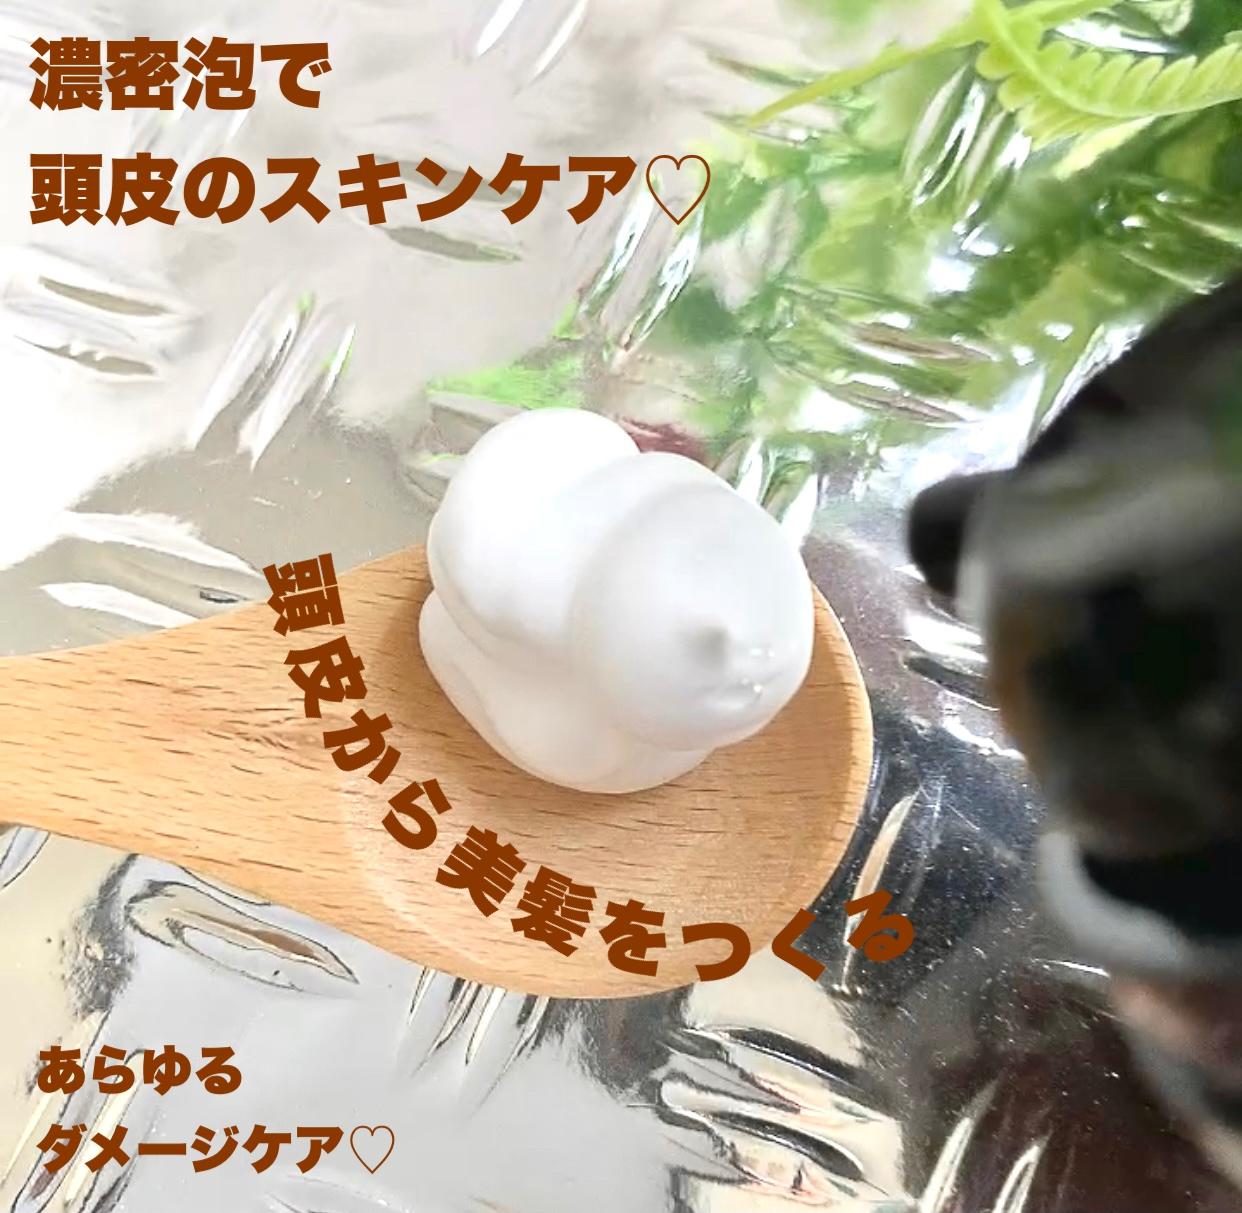 Le ment(ルメント) スパークリングオイルクレンジング&シャンプーの良い点・メリットに関するkana_cafe_timeさんの口コミ画像1